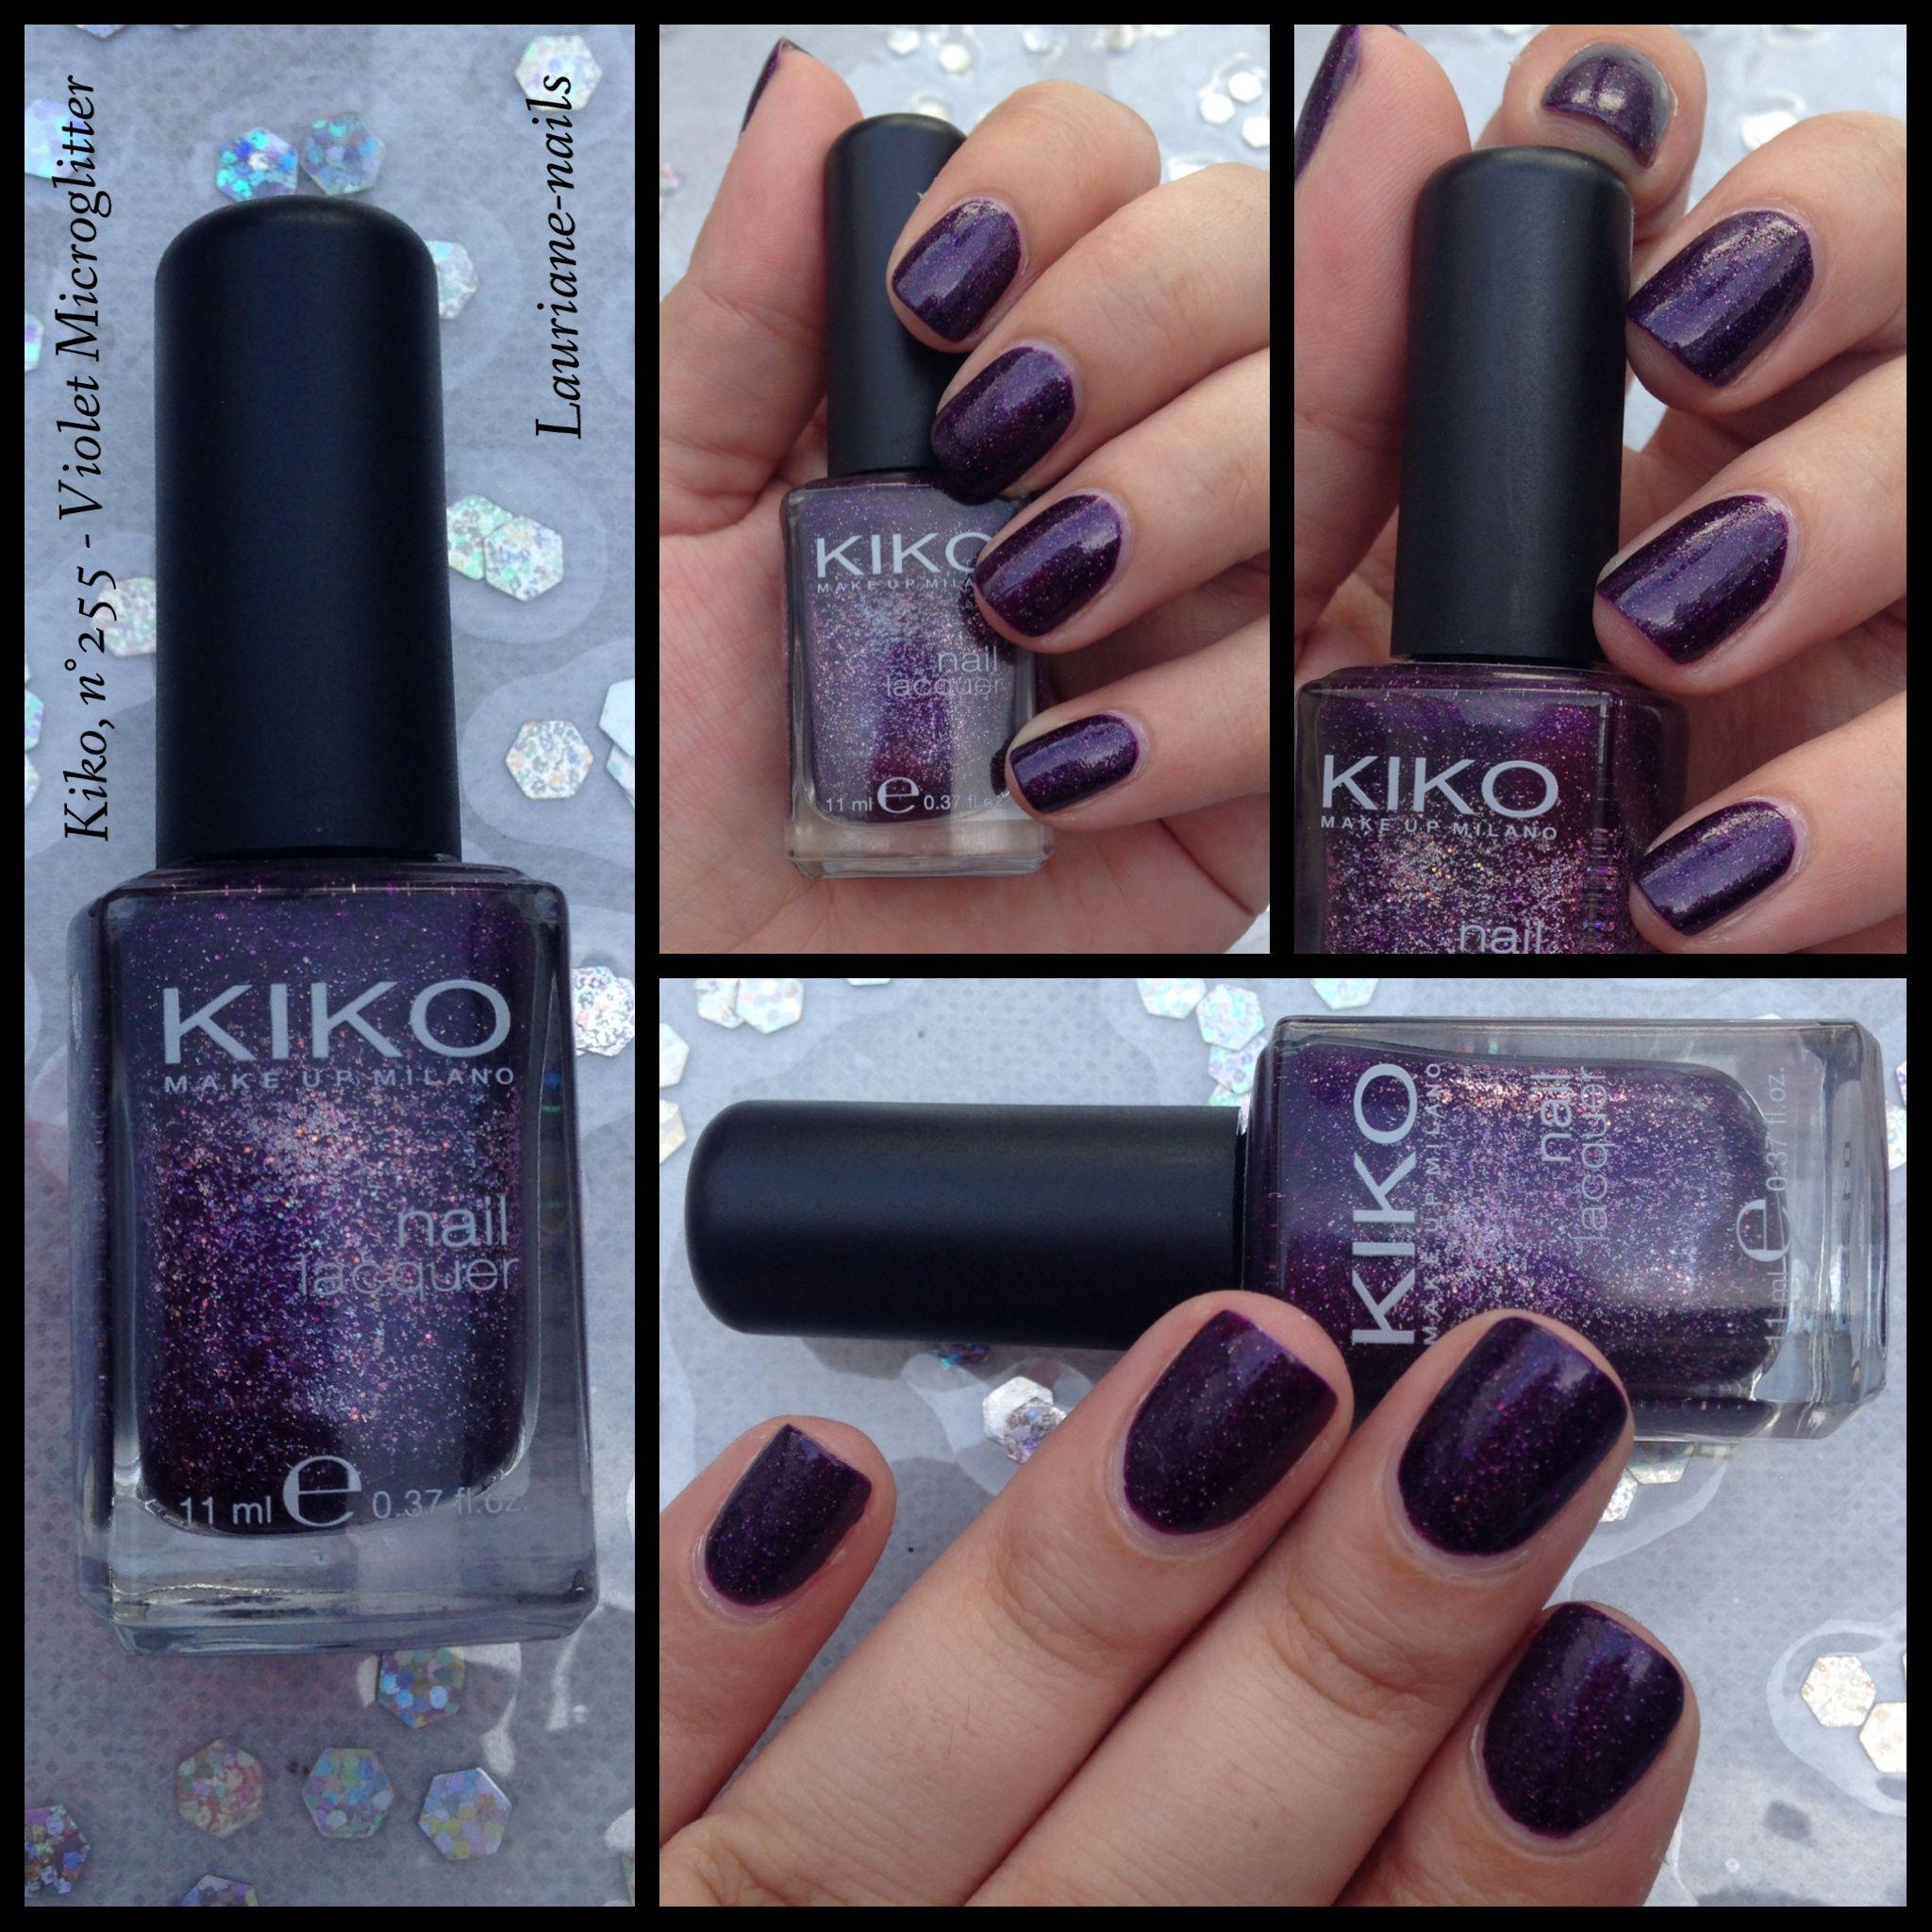 Kiko, n•255 - Violet Microglitter.